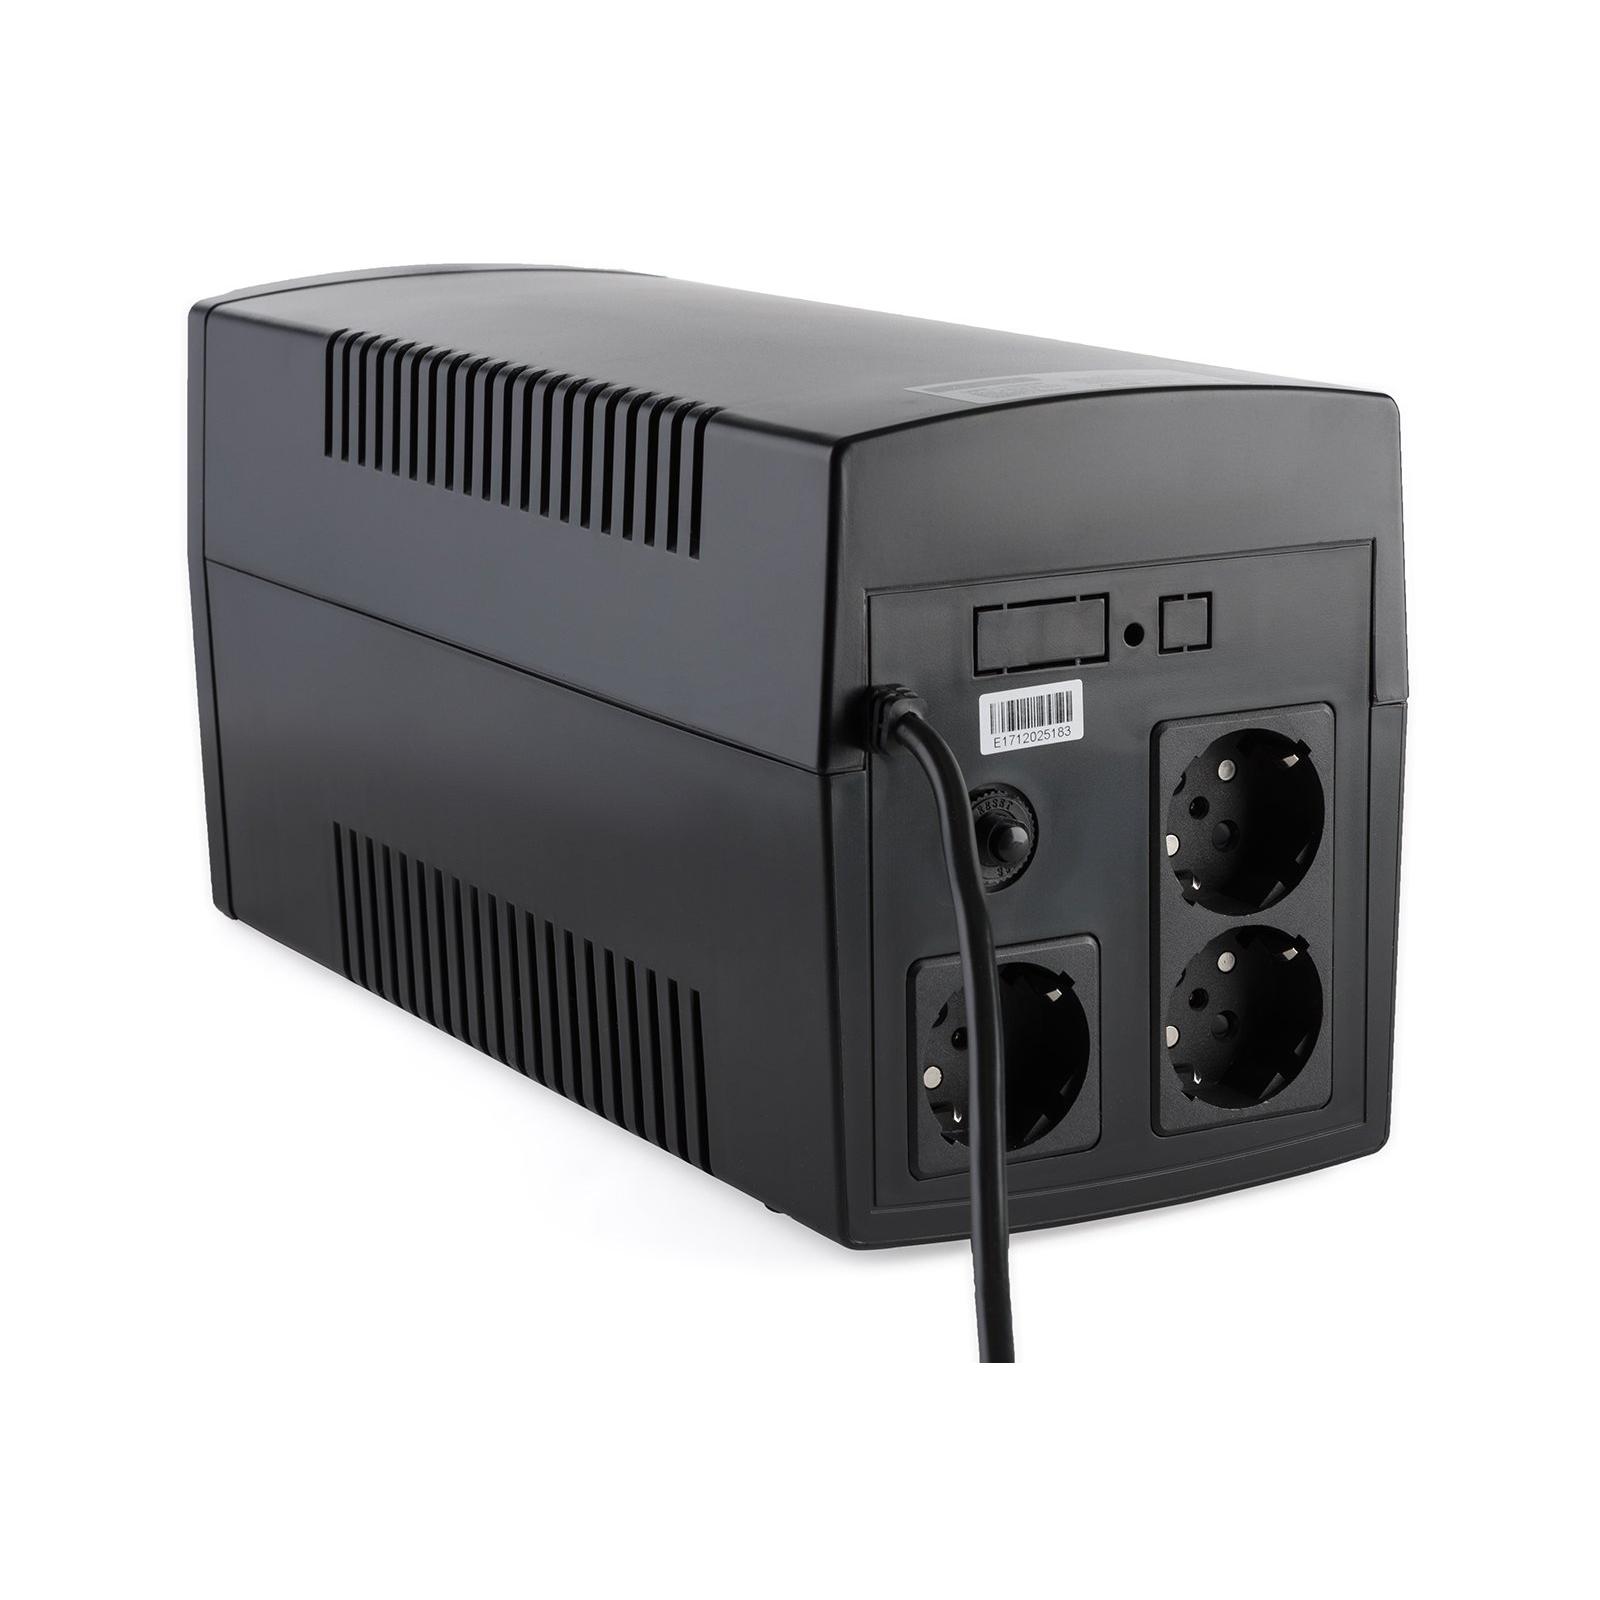 Источник бесперебойного питания Vinga LCD 1200VA plastic case (VPC-1200P) изображение 8